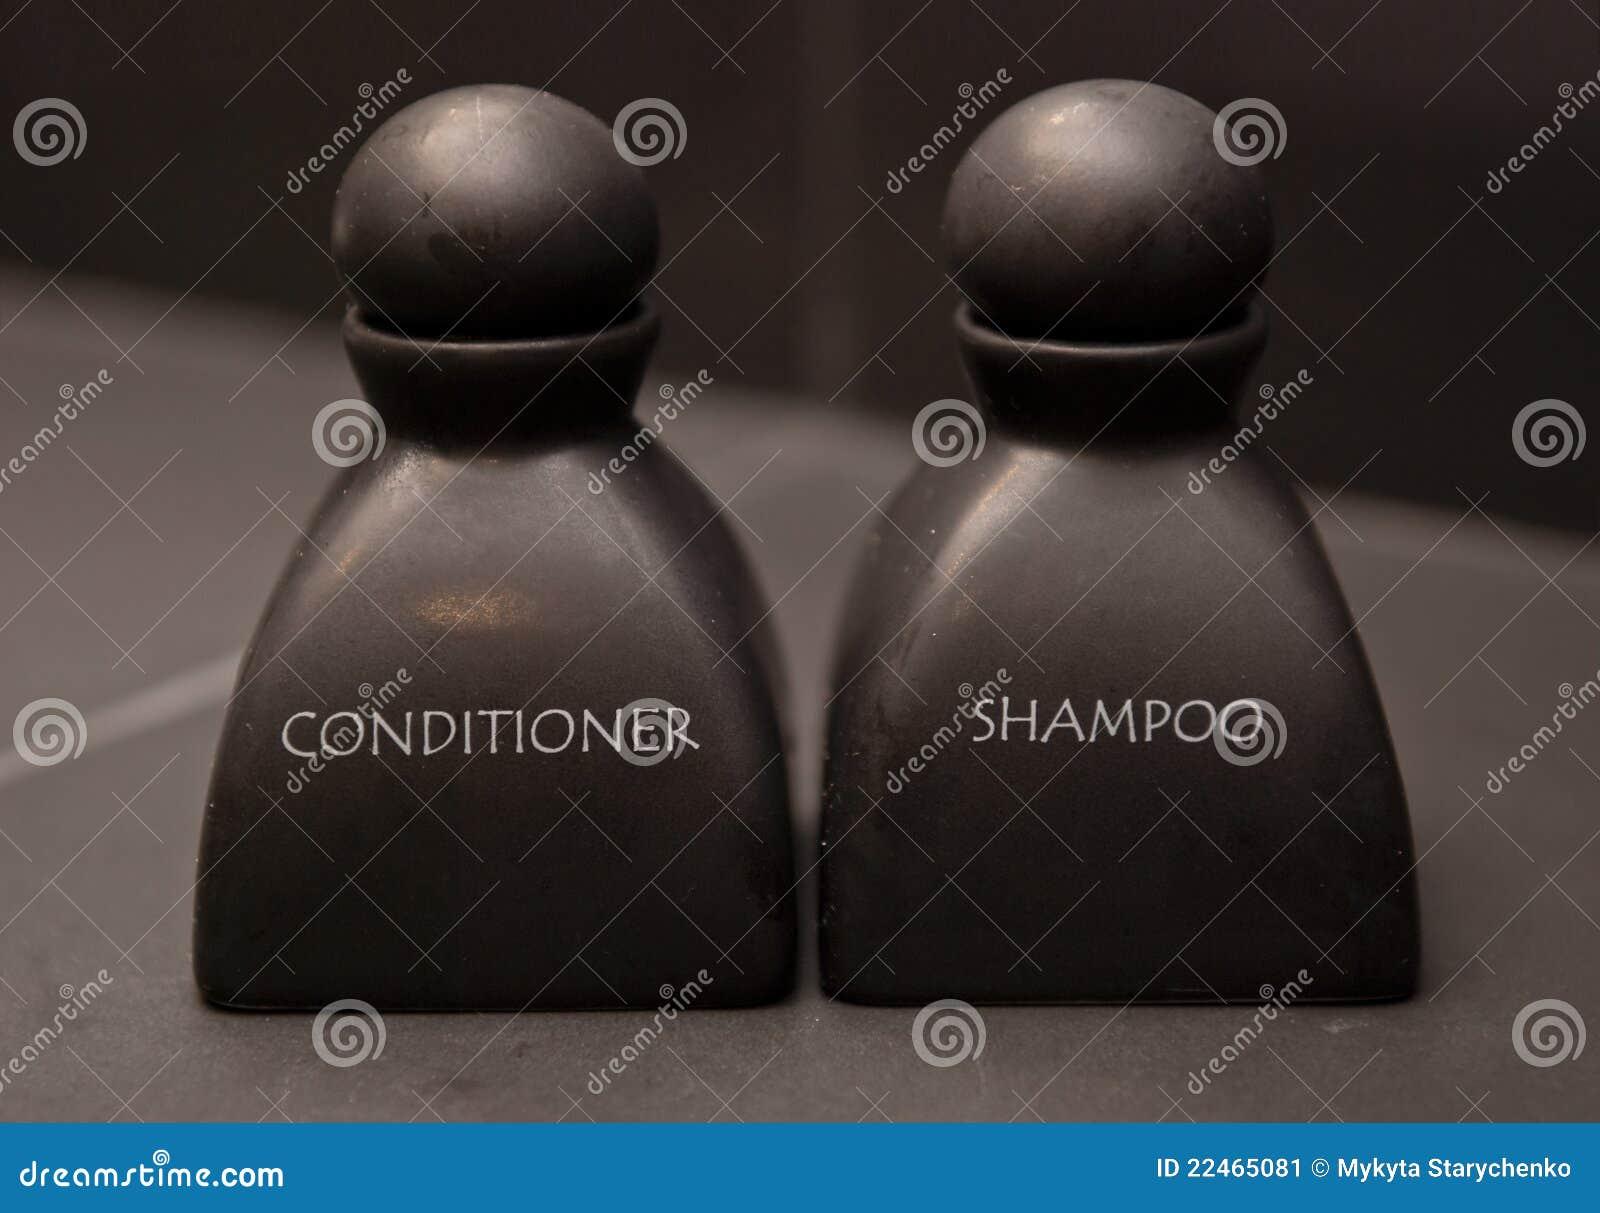 Botella de champú y de acondicionador